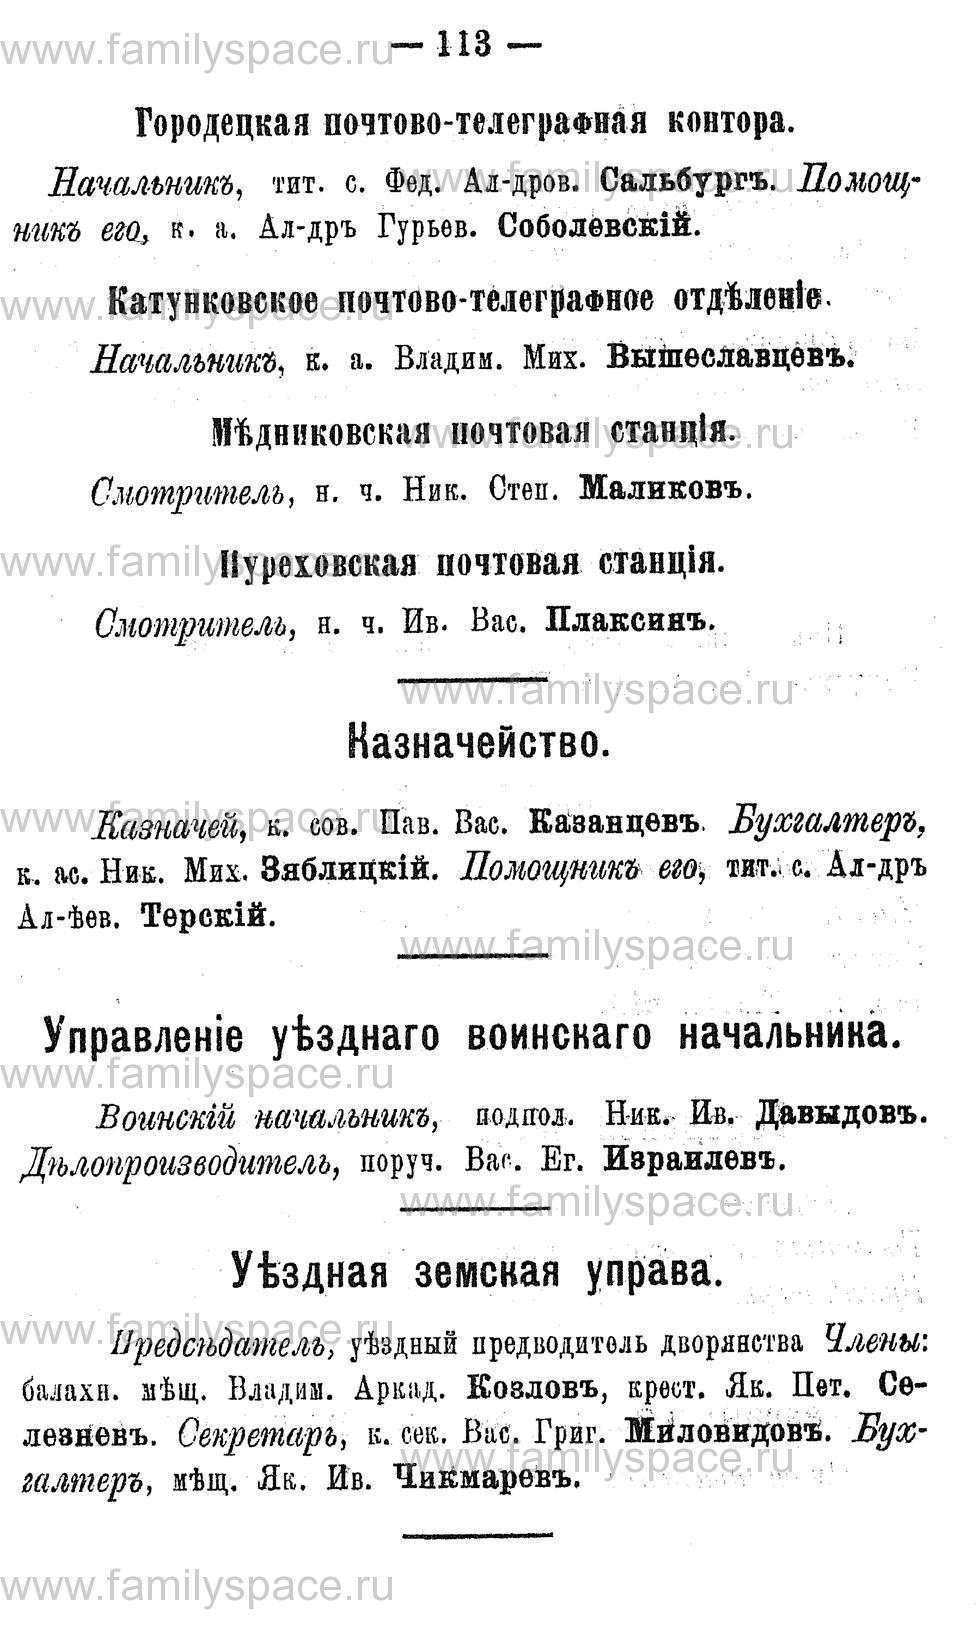 Поиск по фамилии - Адрес-календарь Нижегородской губернии на 1891 год, страница 113